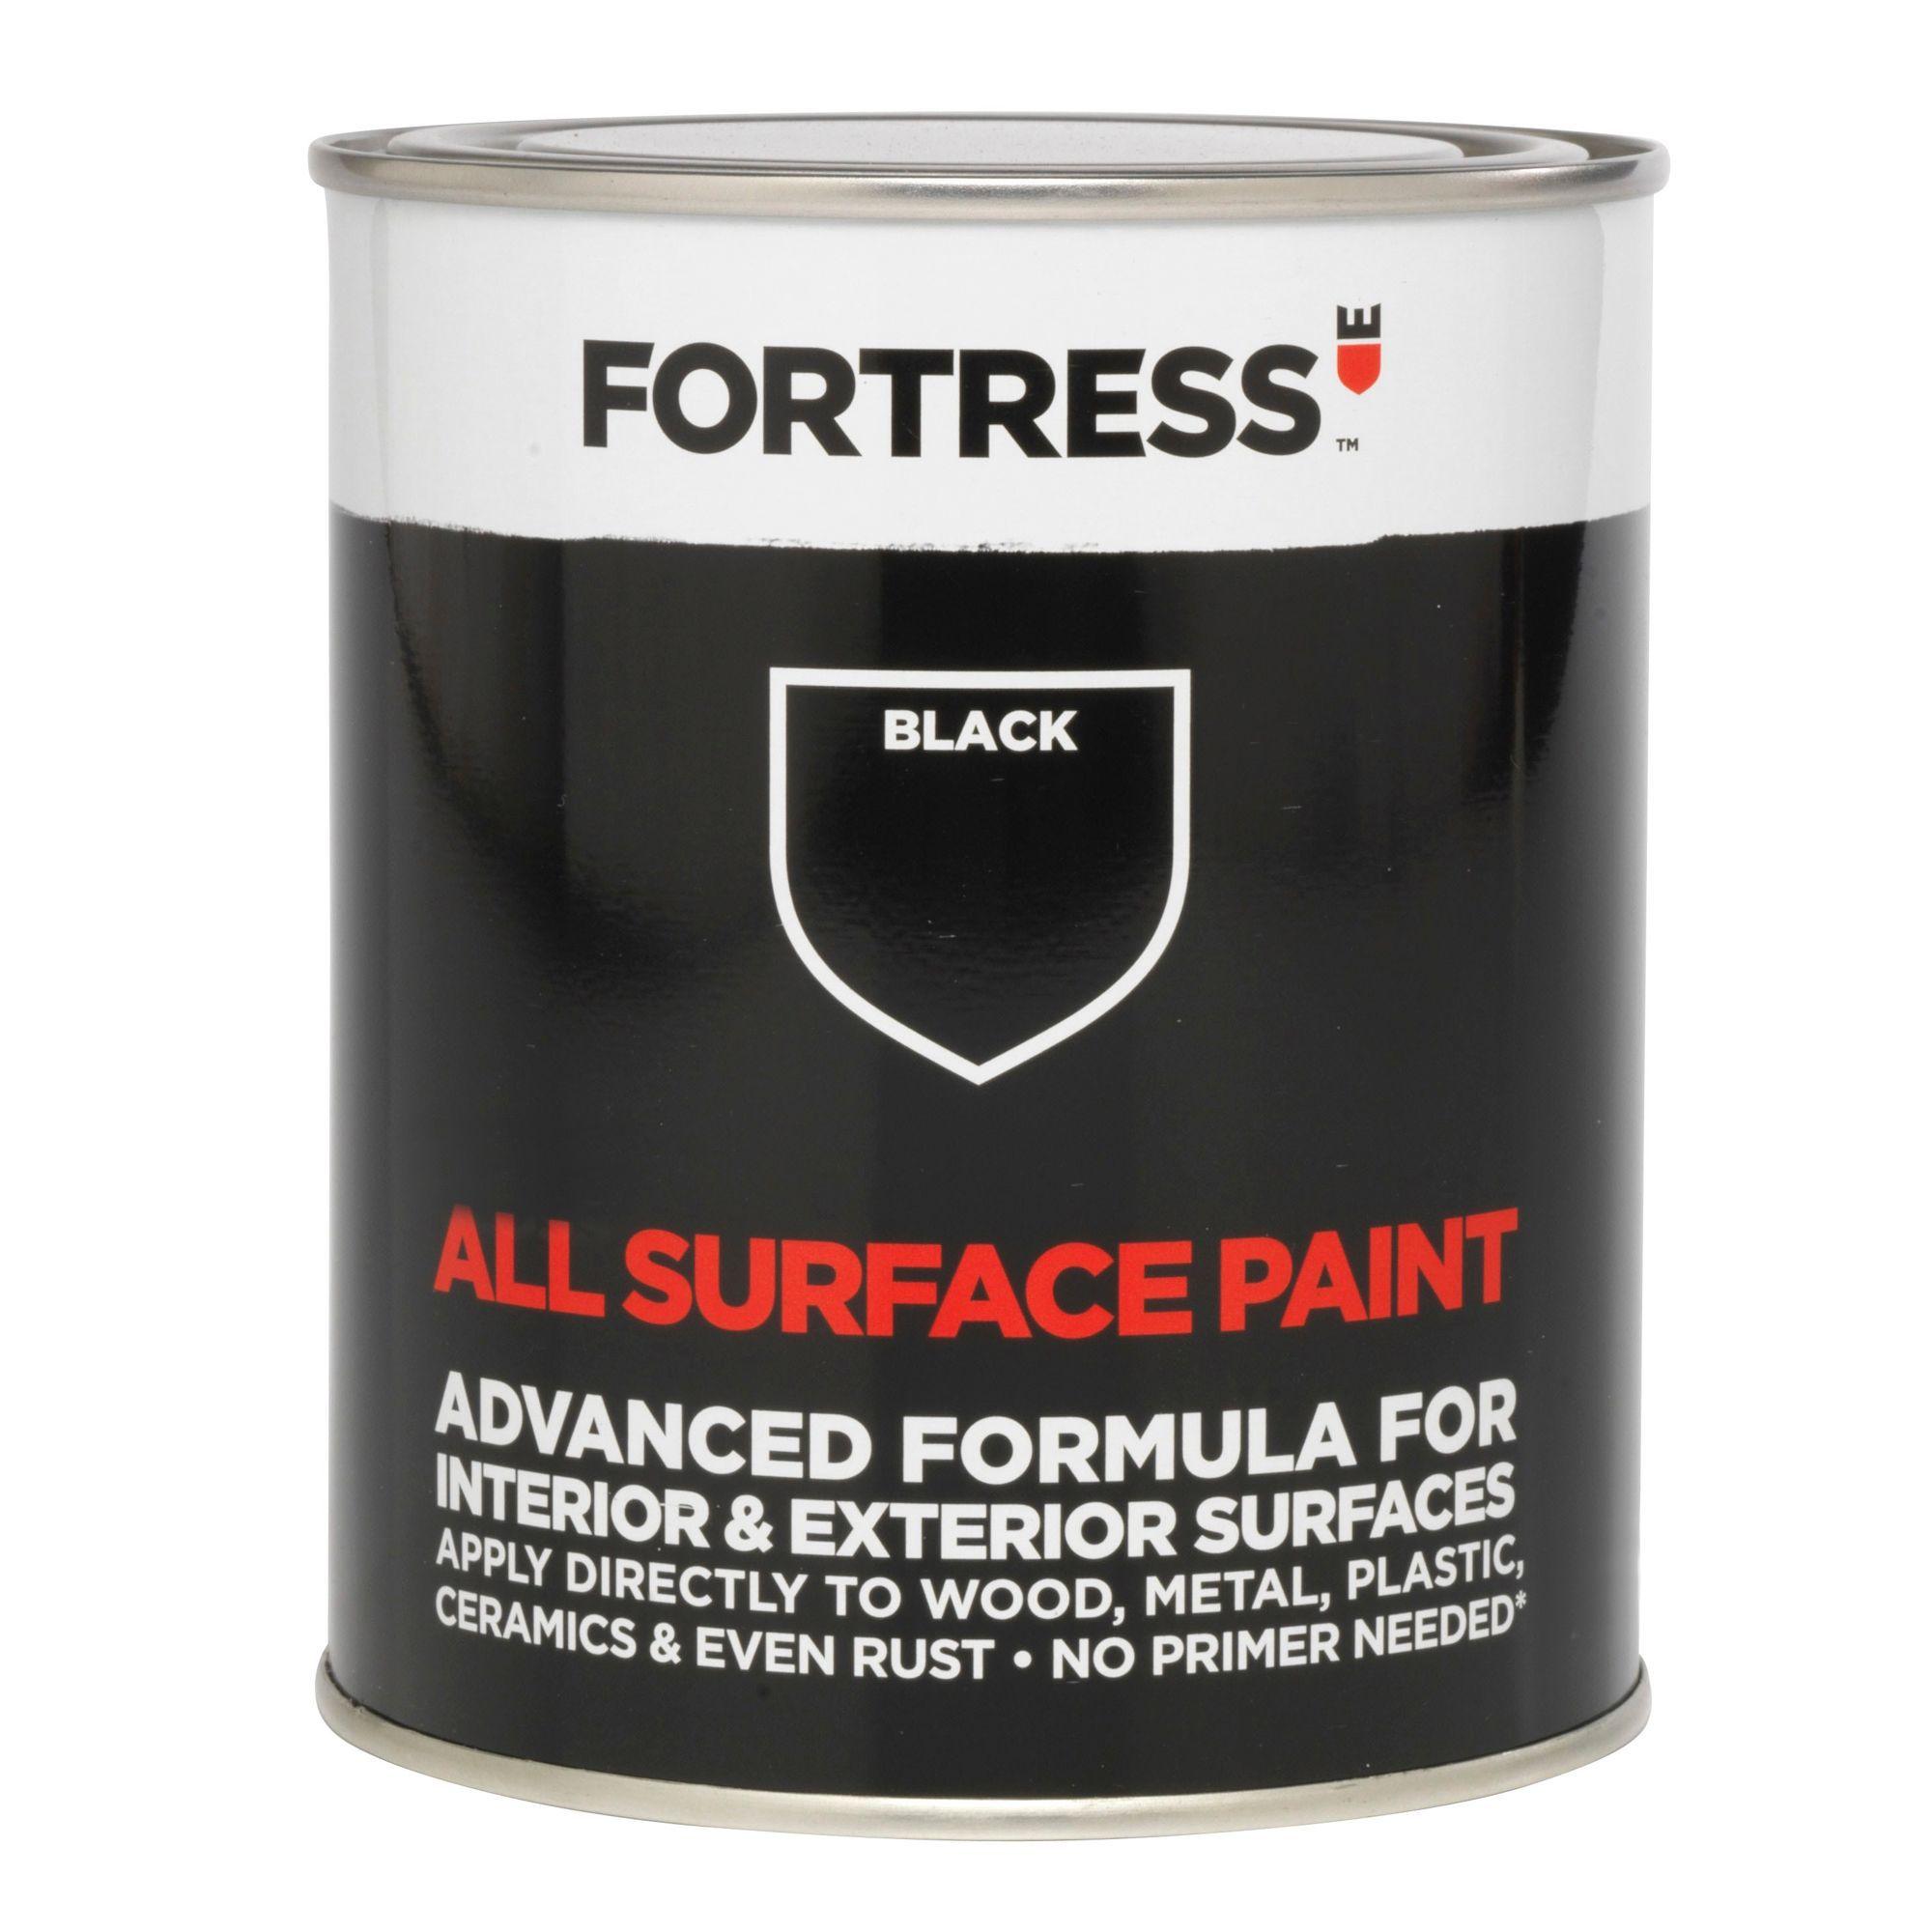 Fortress Interior & Exterior Black Matt Multipurpose Paint 250ml